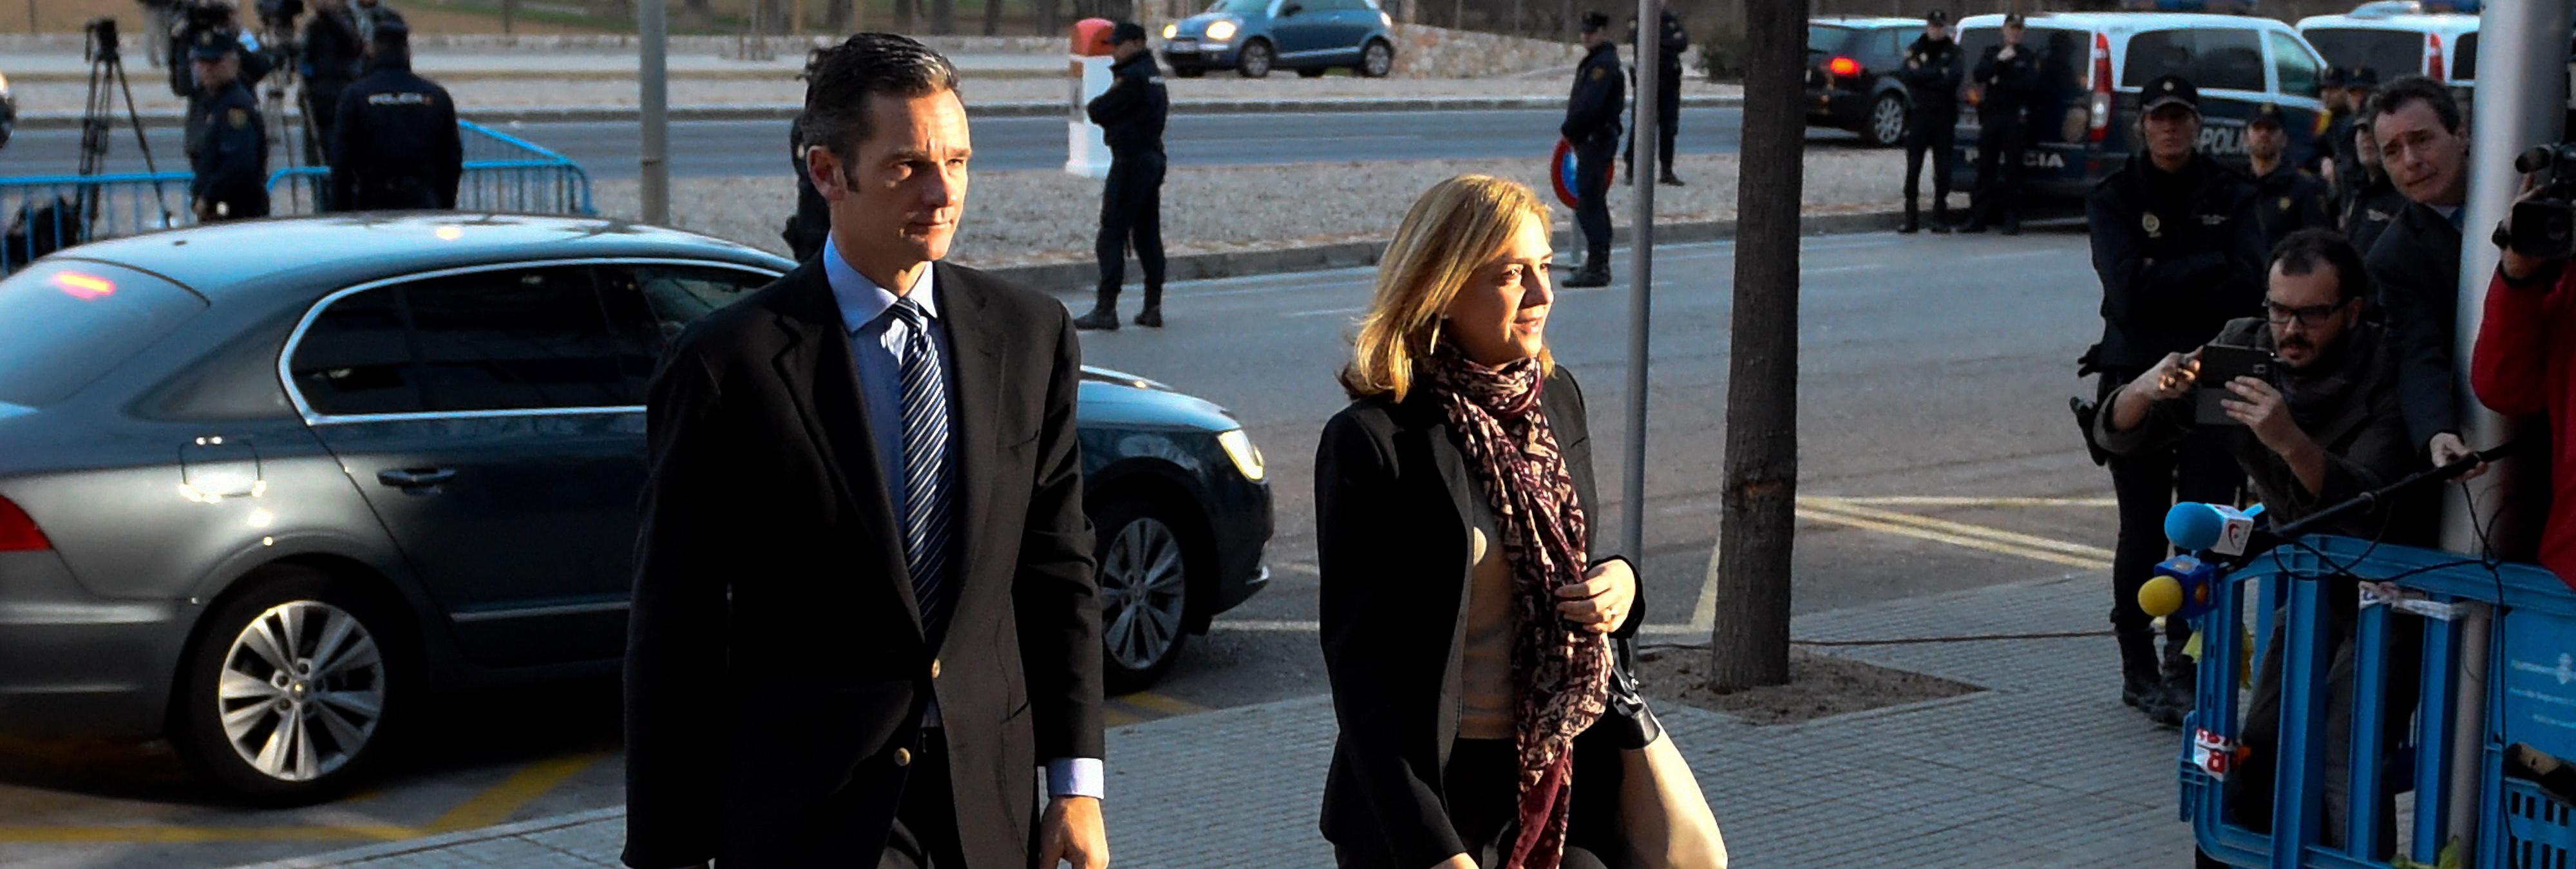 10 preguntas para entender el juicio de la Infanta Cristina e Iñaki Urdangarín por el caso Nóos